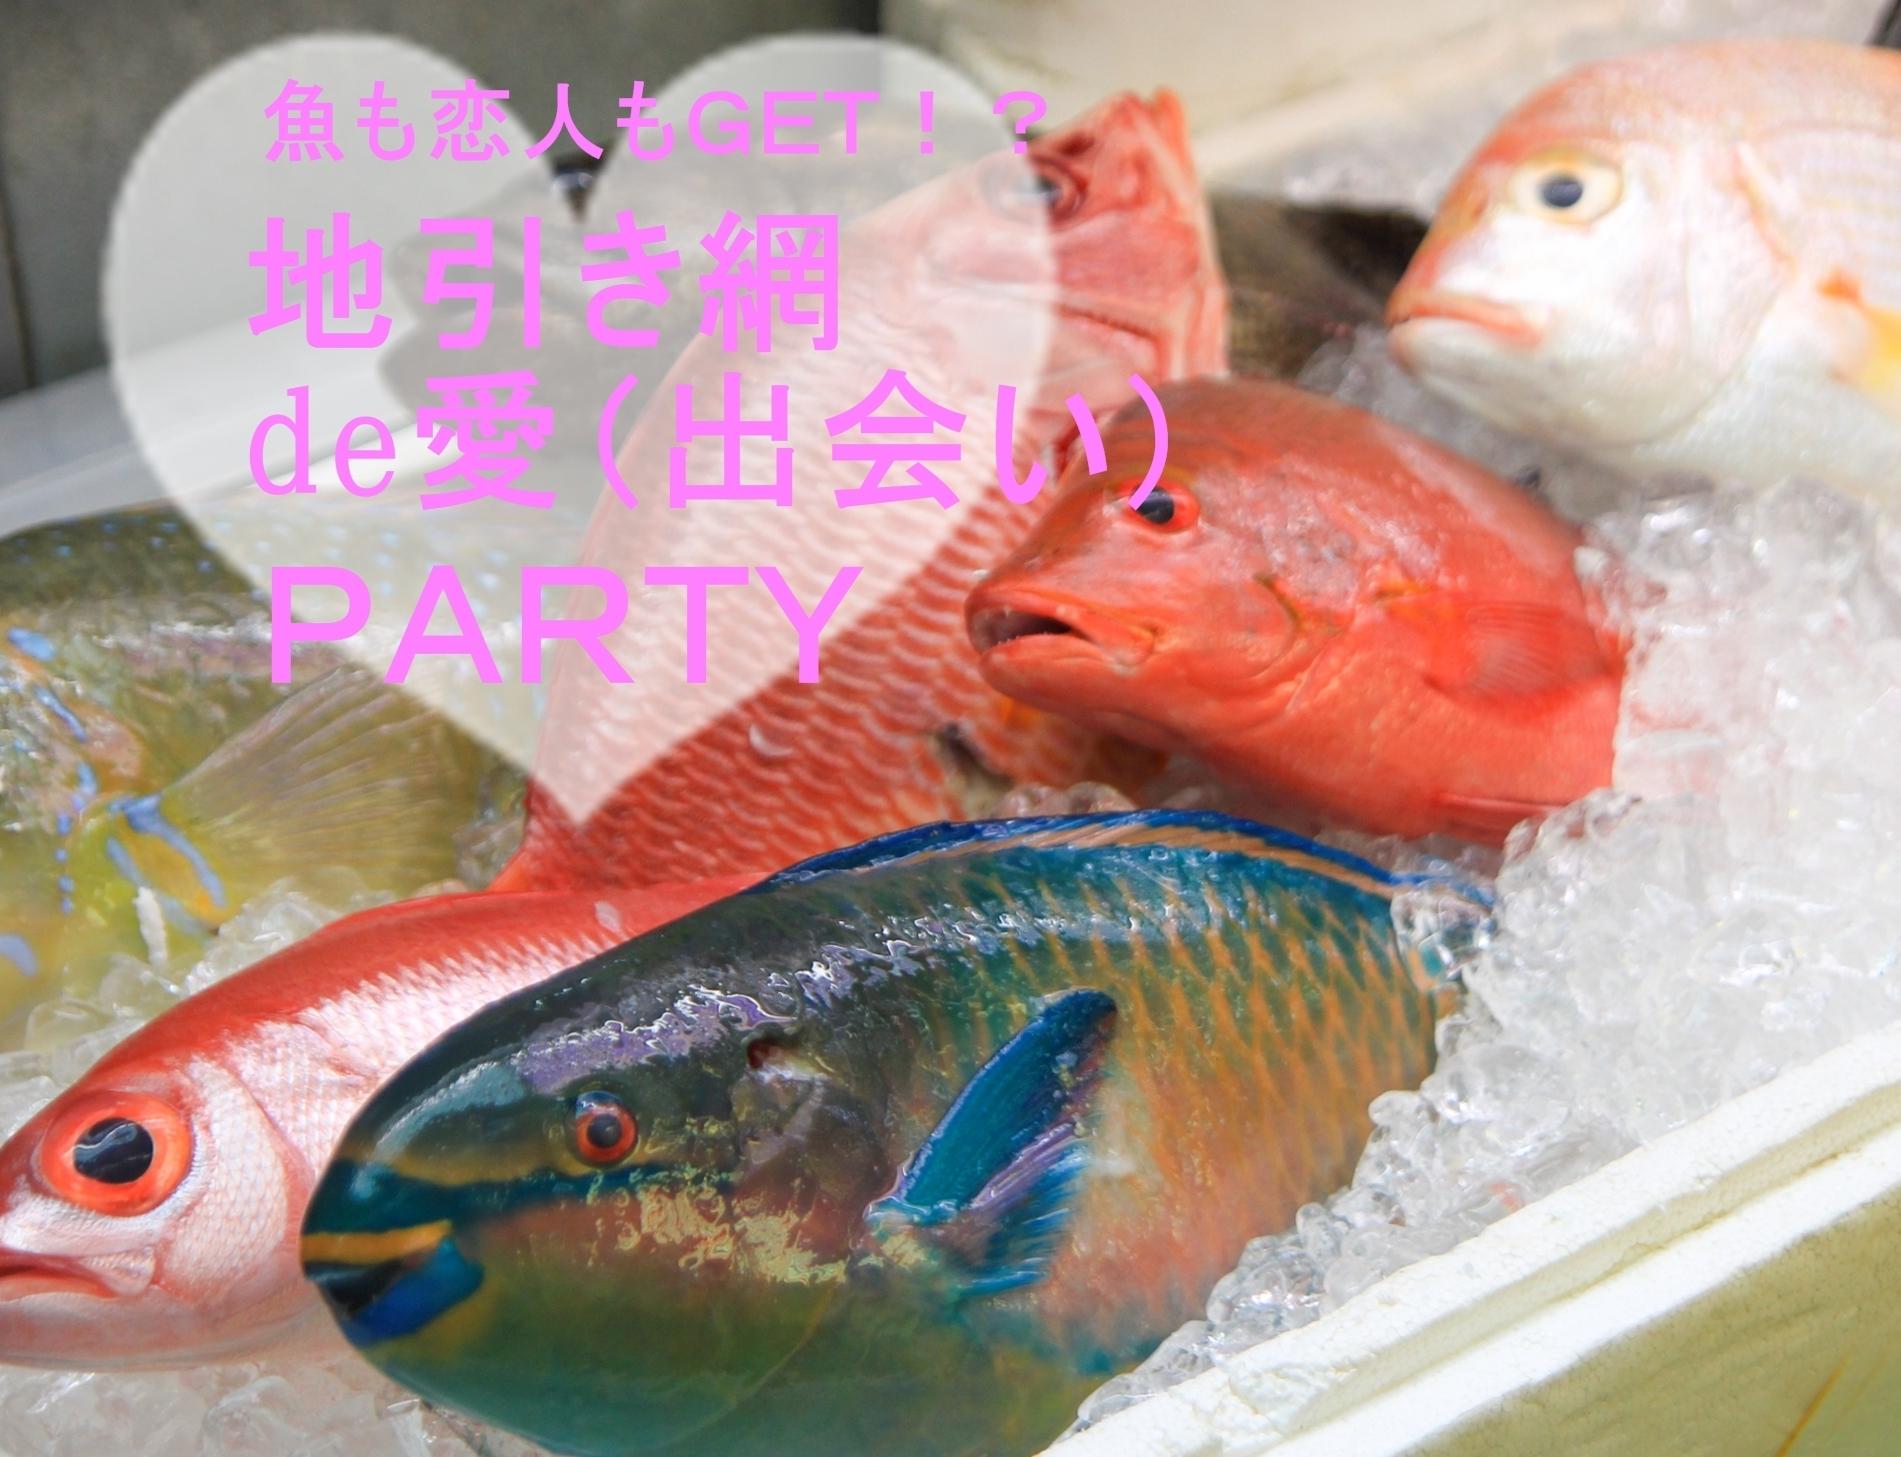 魚も恋人もGET!! 地引き網de愛(出会い)パーティー開催!